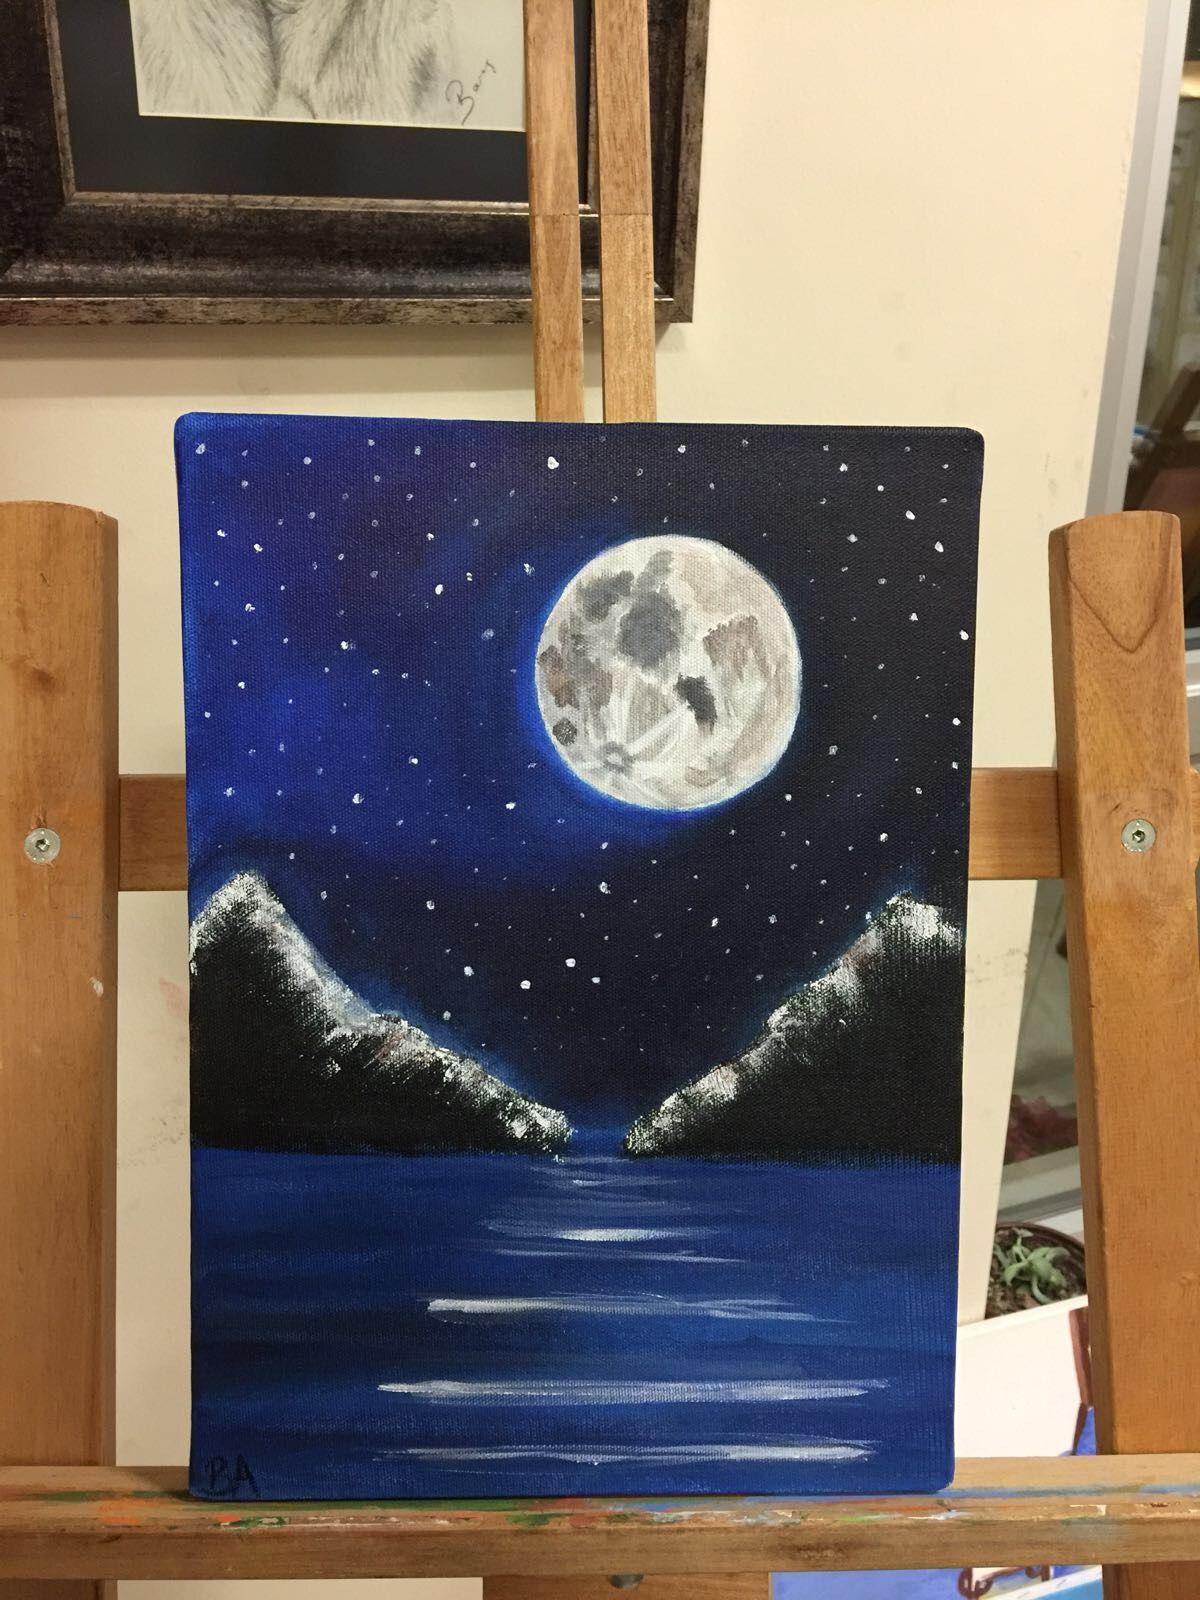 Ilk Akrilik Boya Calismam Sanatsal Resimler Tuval Sanati Tuval